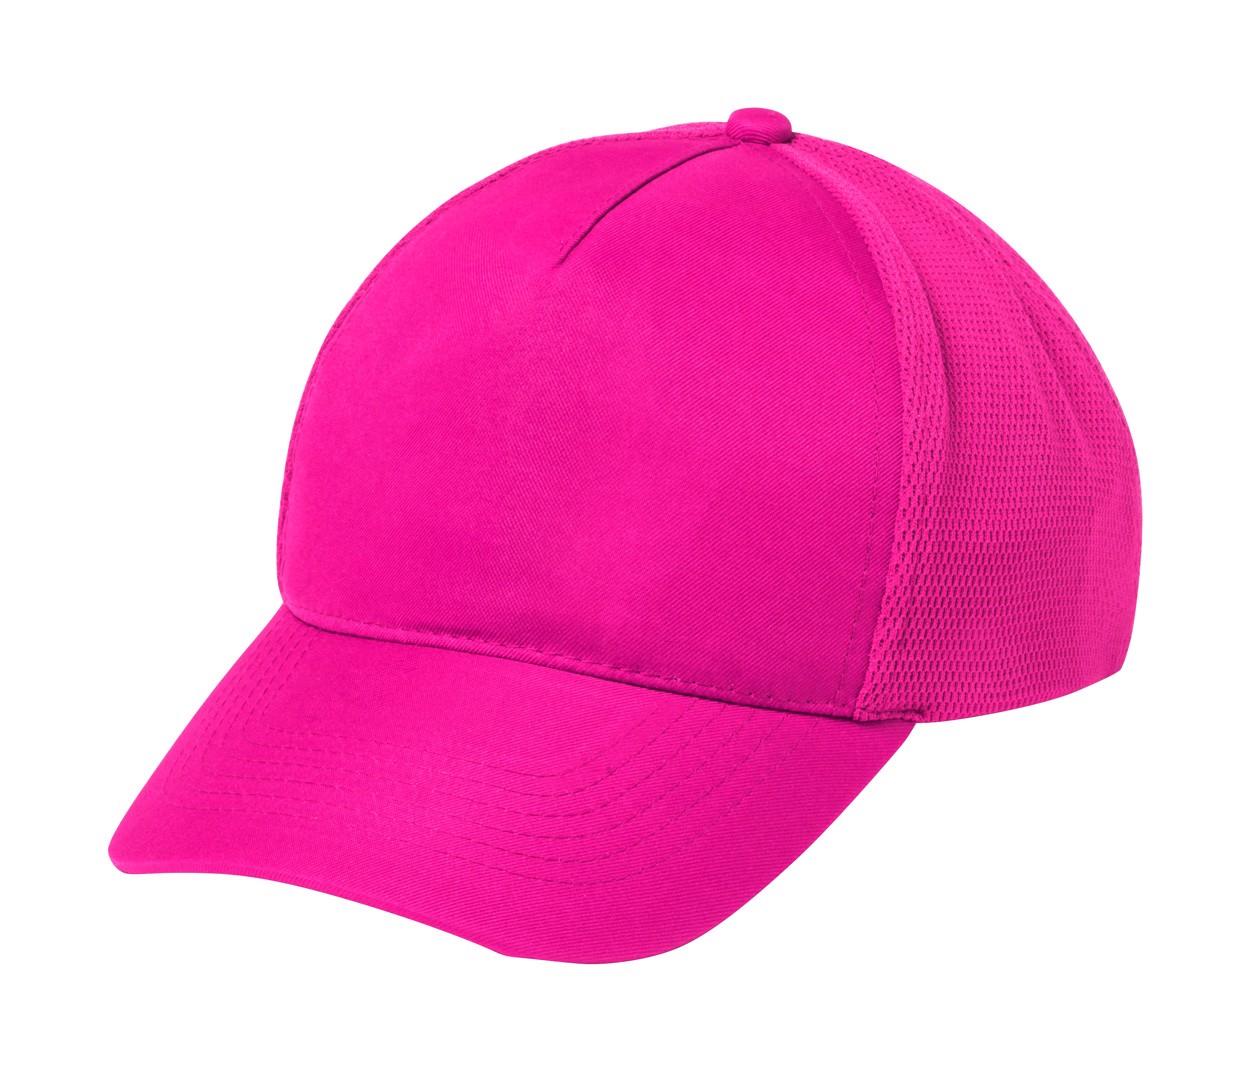 Baseballová Čepice Karif - Růžová